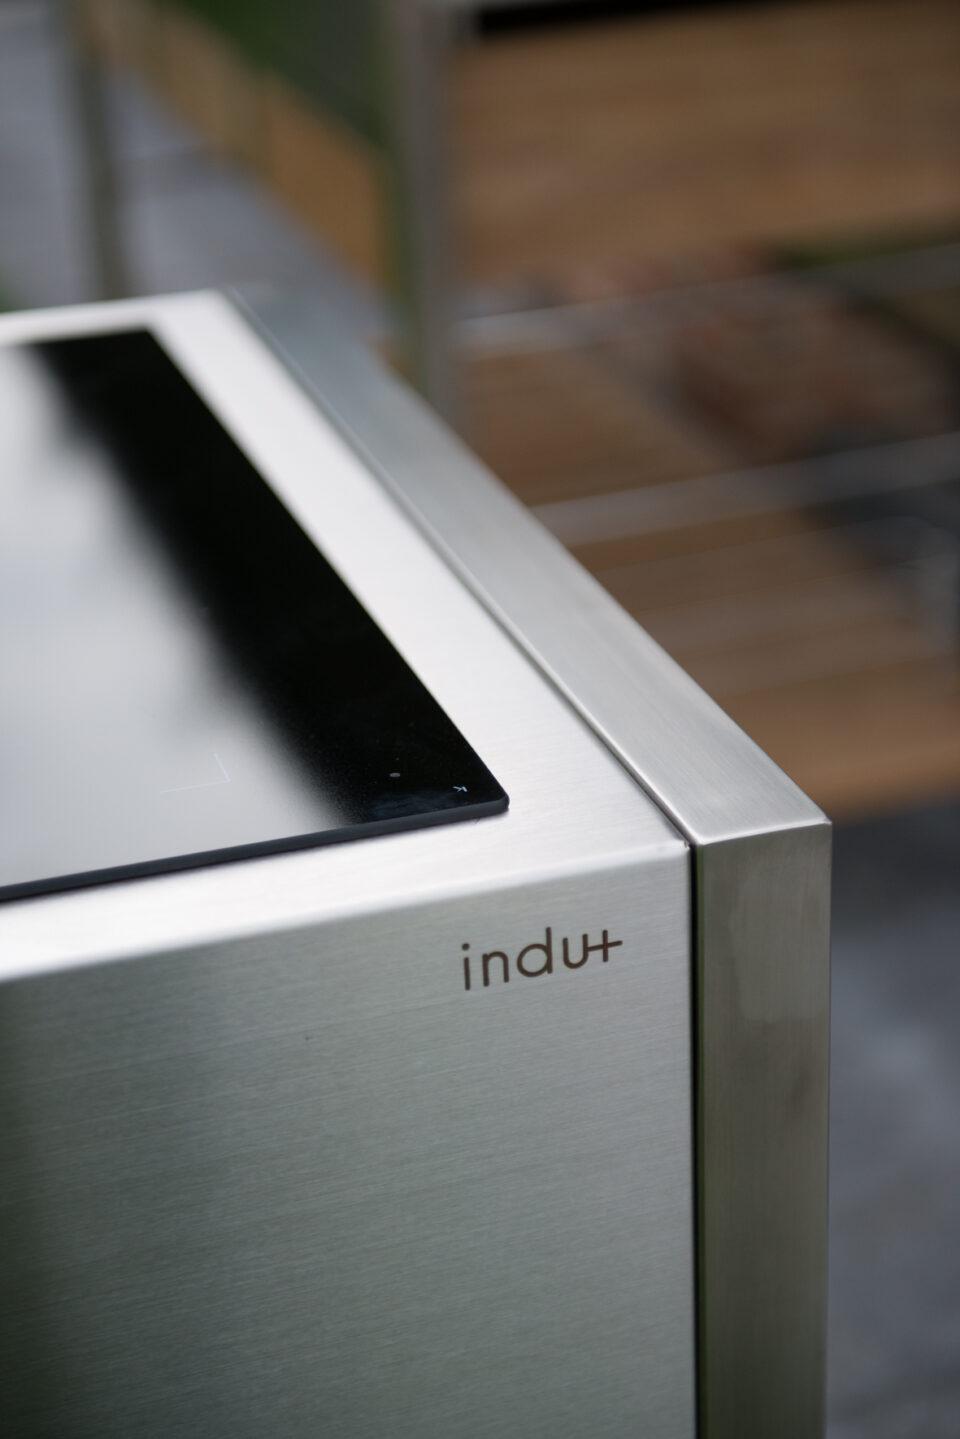 Indu 0914 8180